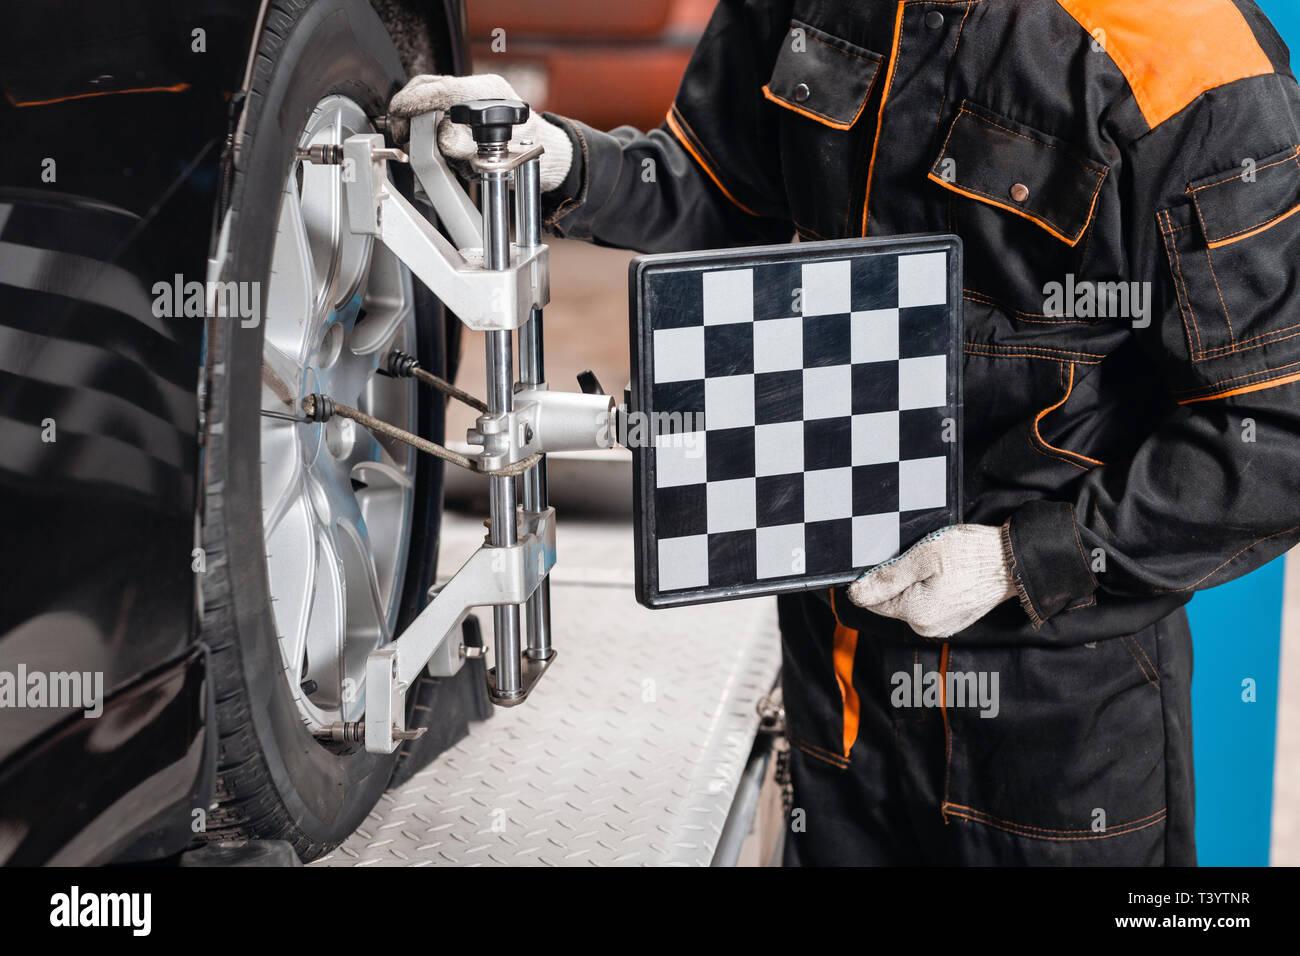 Zusammenbruch - Konvergenz. Automechaniker setzt das Auto für Diagnose und Konfiguration. Auto Räder Ausrichtung auf Stand in einer Reparaturwerkstatt Stockbild